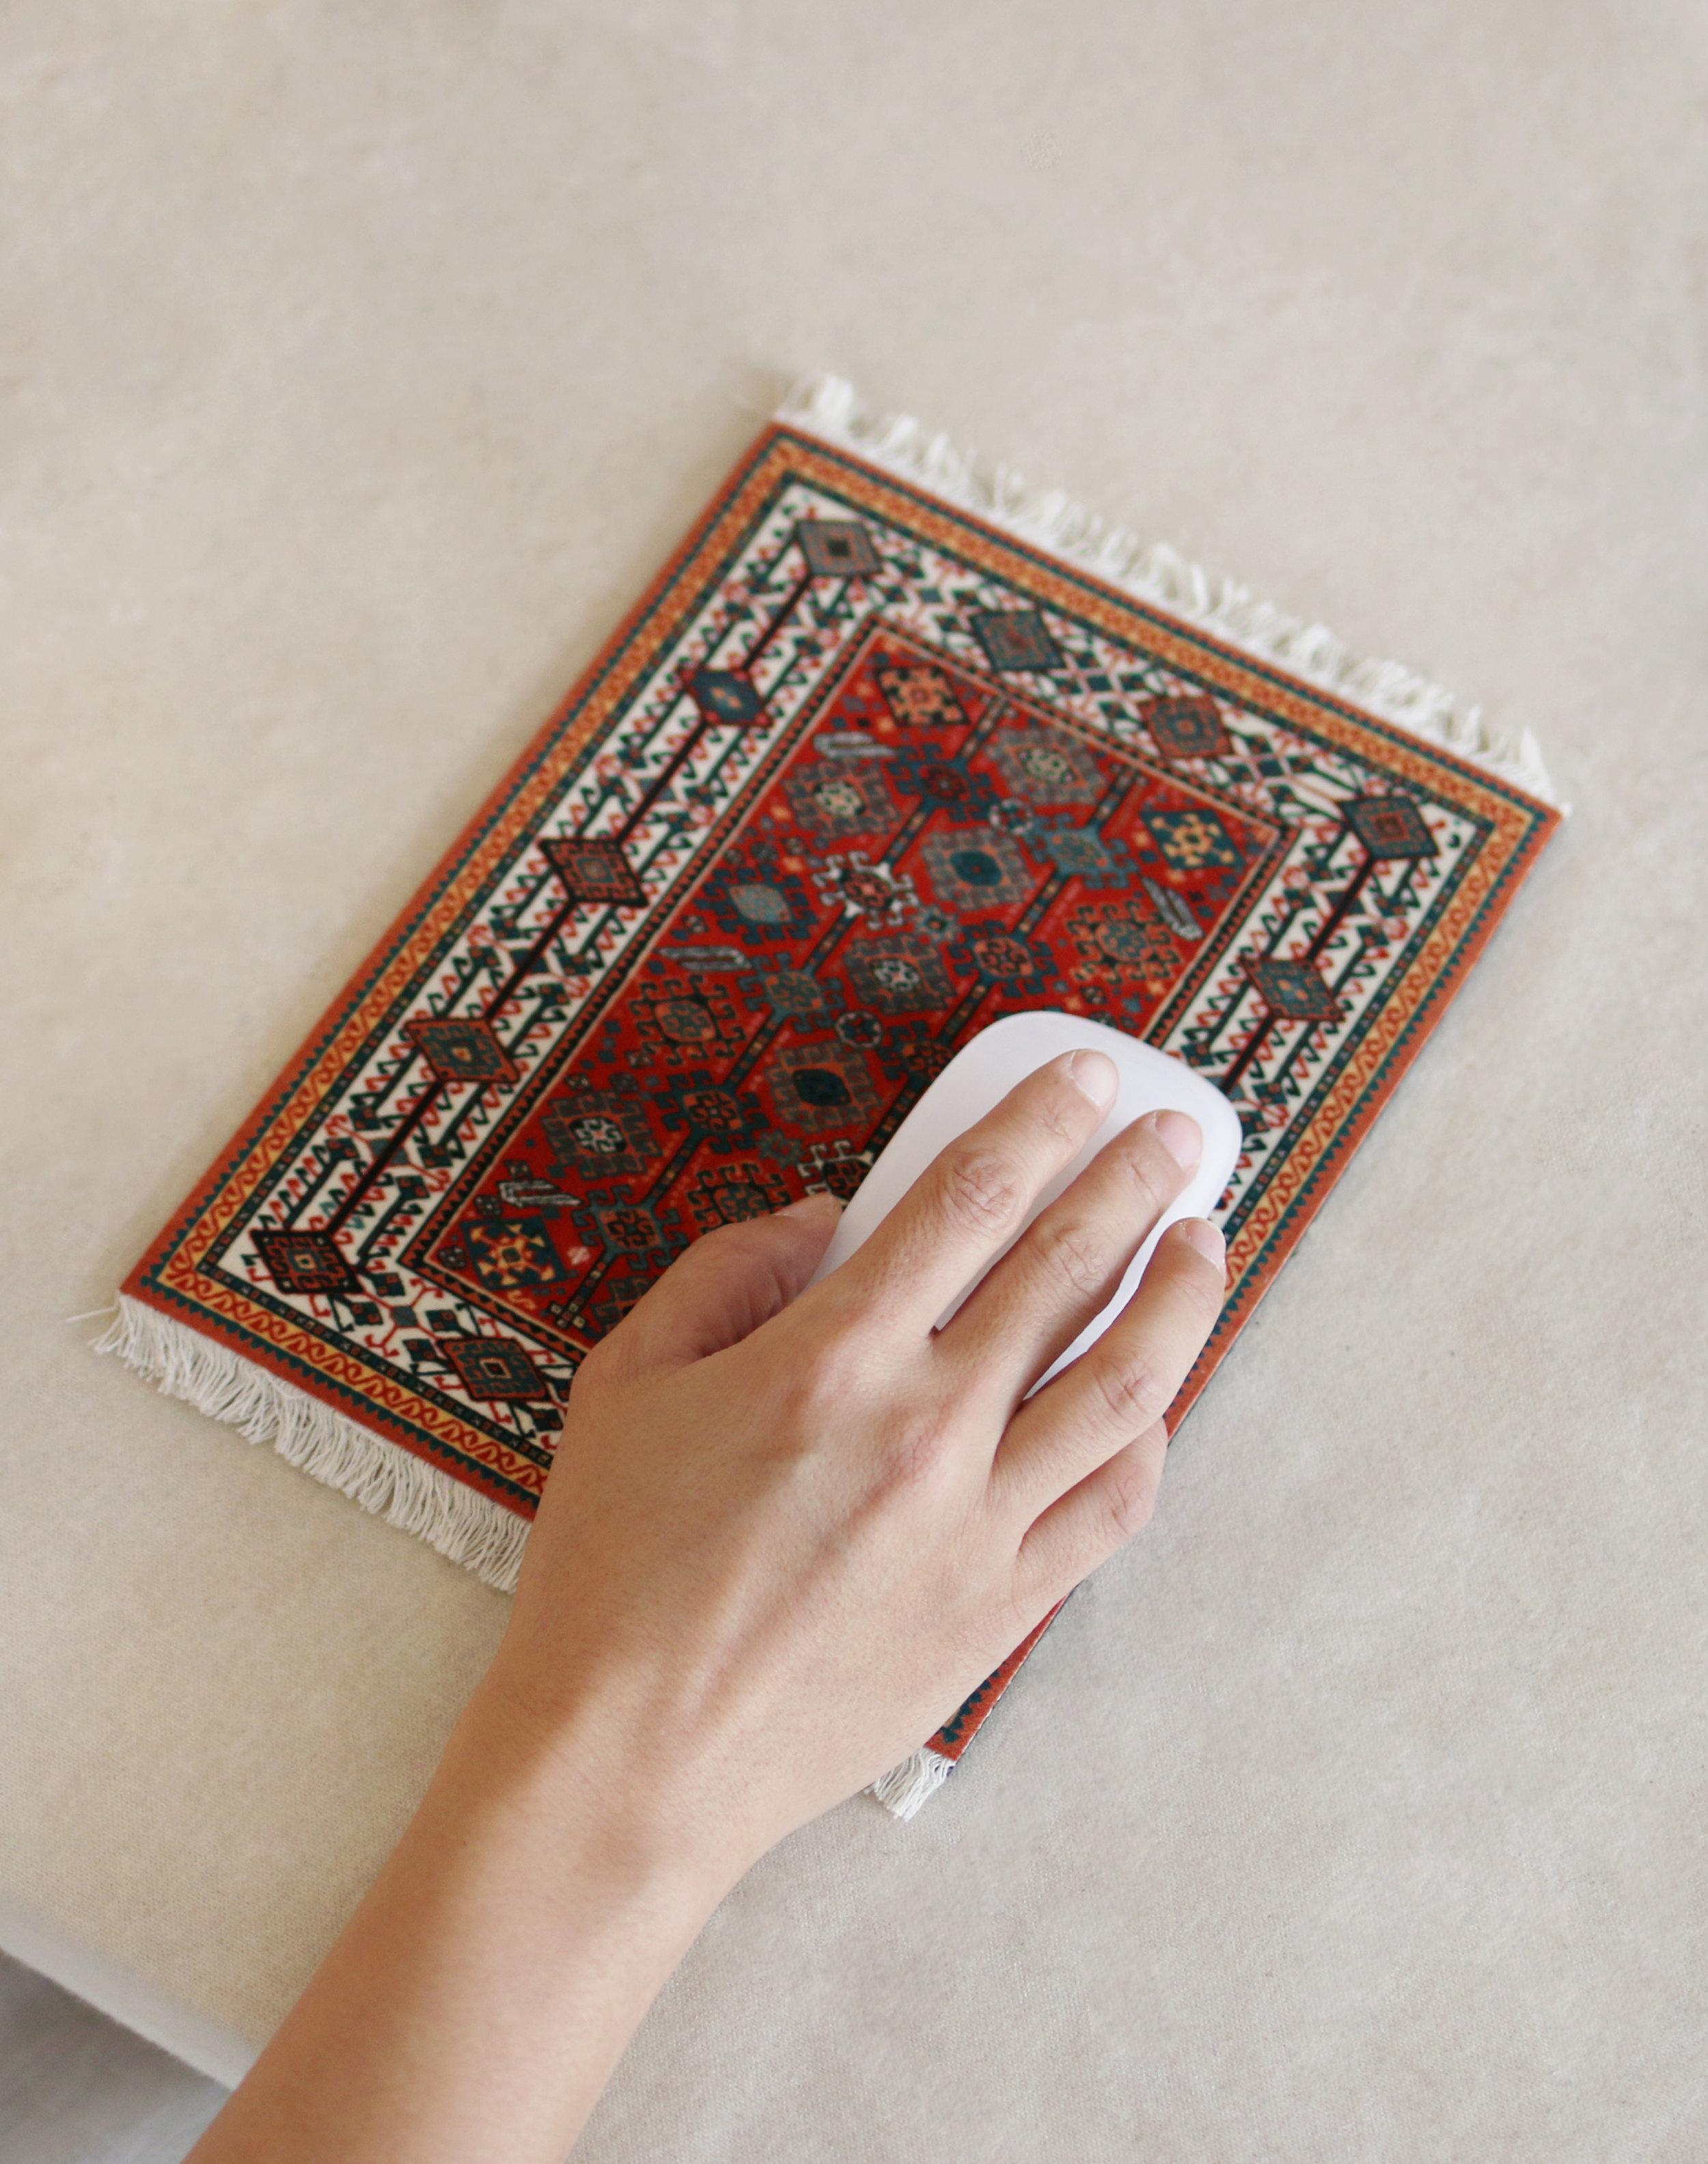 19 世紀波斯地毯滑鼠墊   擁有兩千多年歷史的波斯地毯,集優雅圖紋與細膩手工於一身,因此成為藝術收藏家們憧憬嚮往的逸品。 這一款滑鼠墊,能將世界遺產的一隅搬至你的桌前。以專利 Lextra 纖染尼龍植絨面層,搭配上天然橡膠 製作的防滑底,讓這一款經典藝術品也能為你確保滑鼠路徑的精確性。